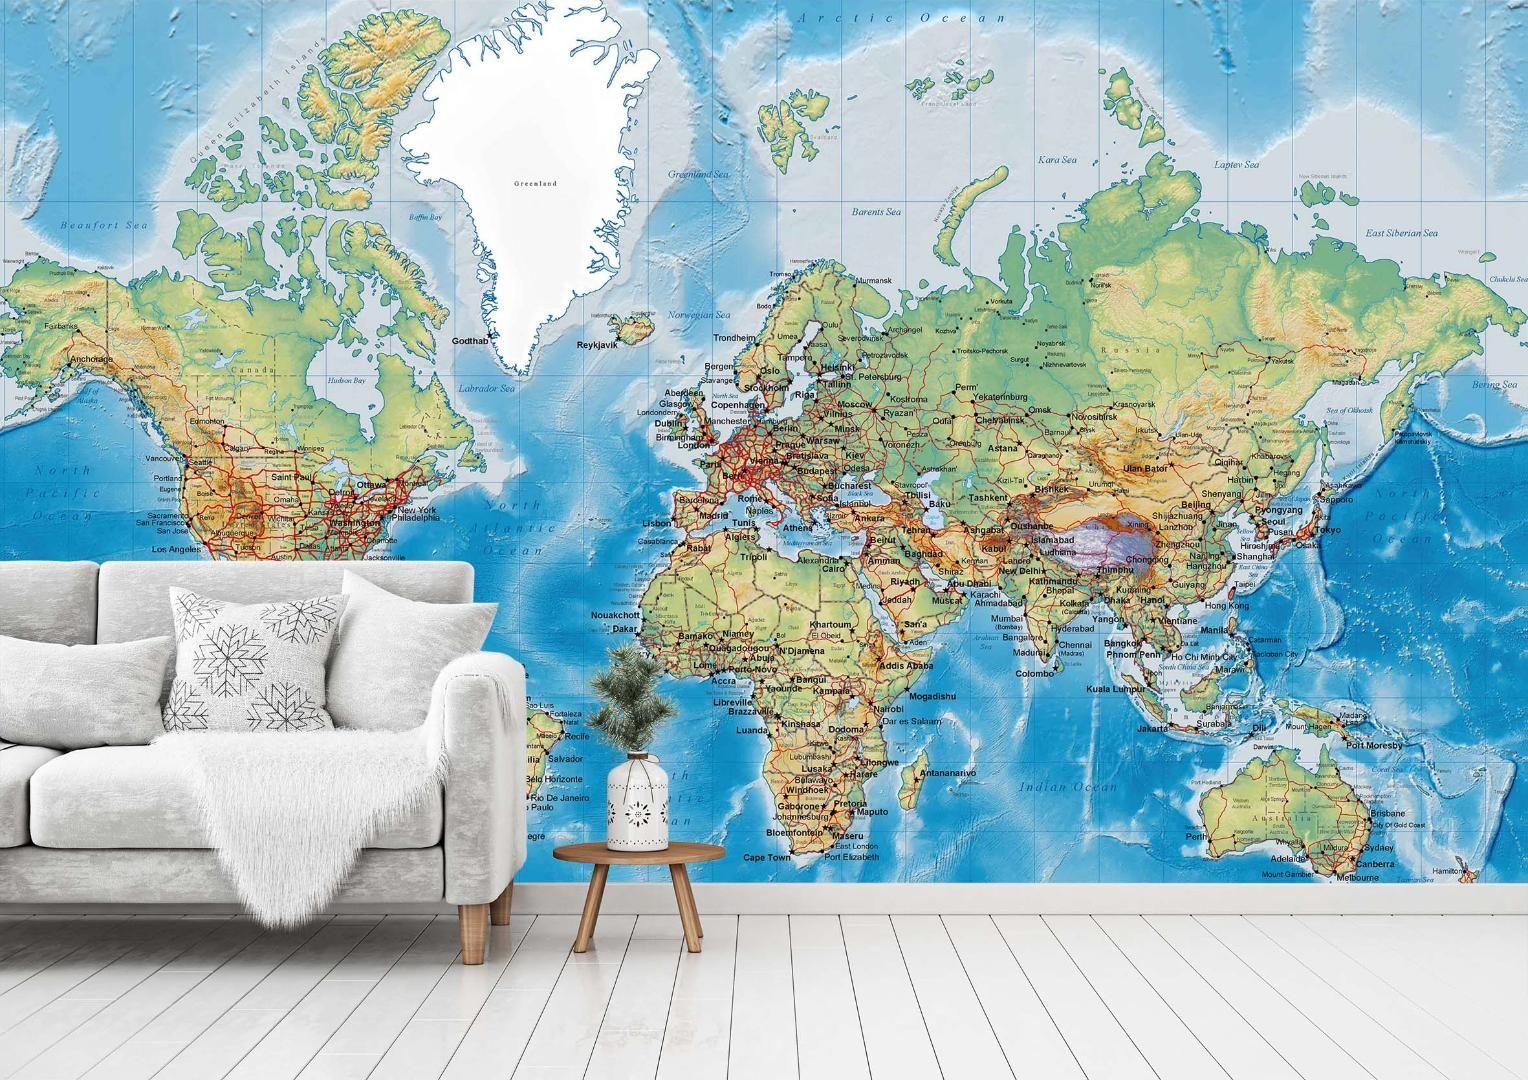 [Autocollant] Papier peint mural, carte 0036, papier peint mural, décalcomanies